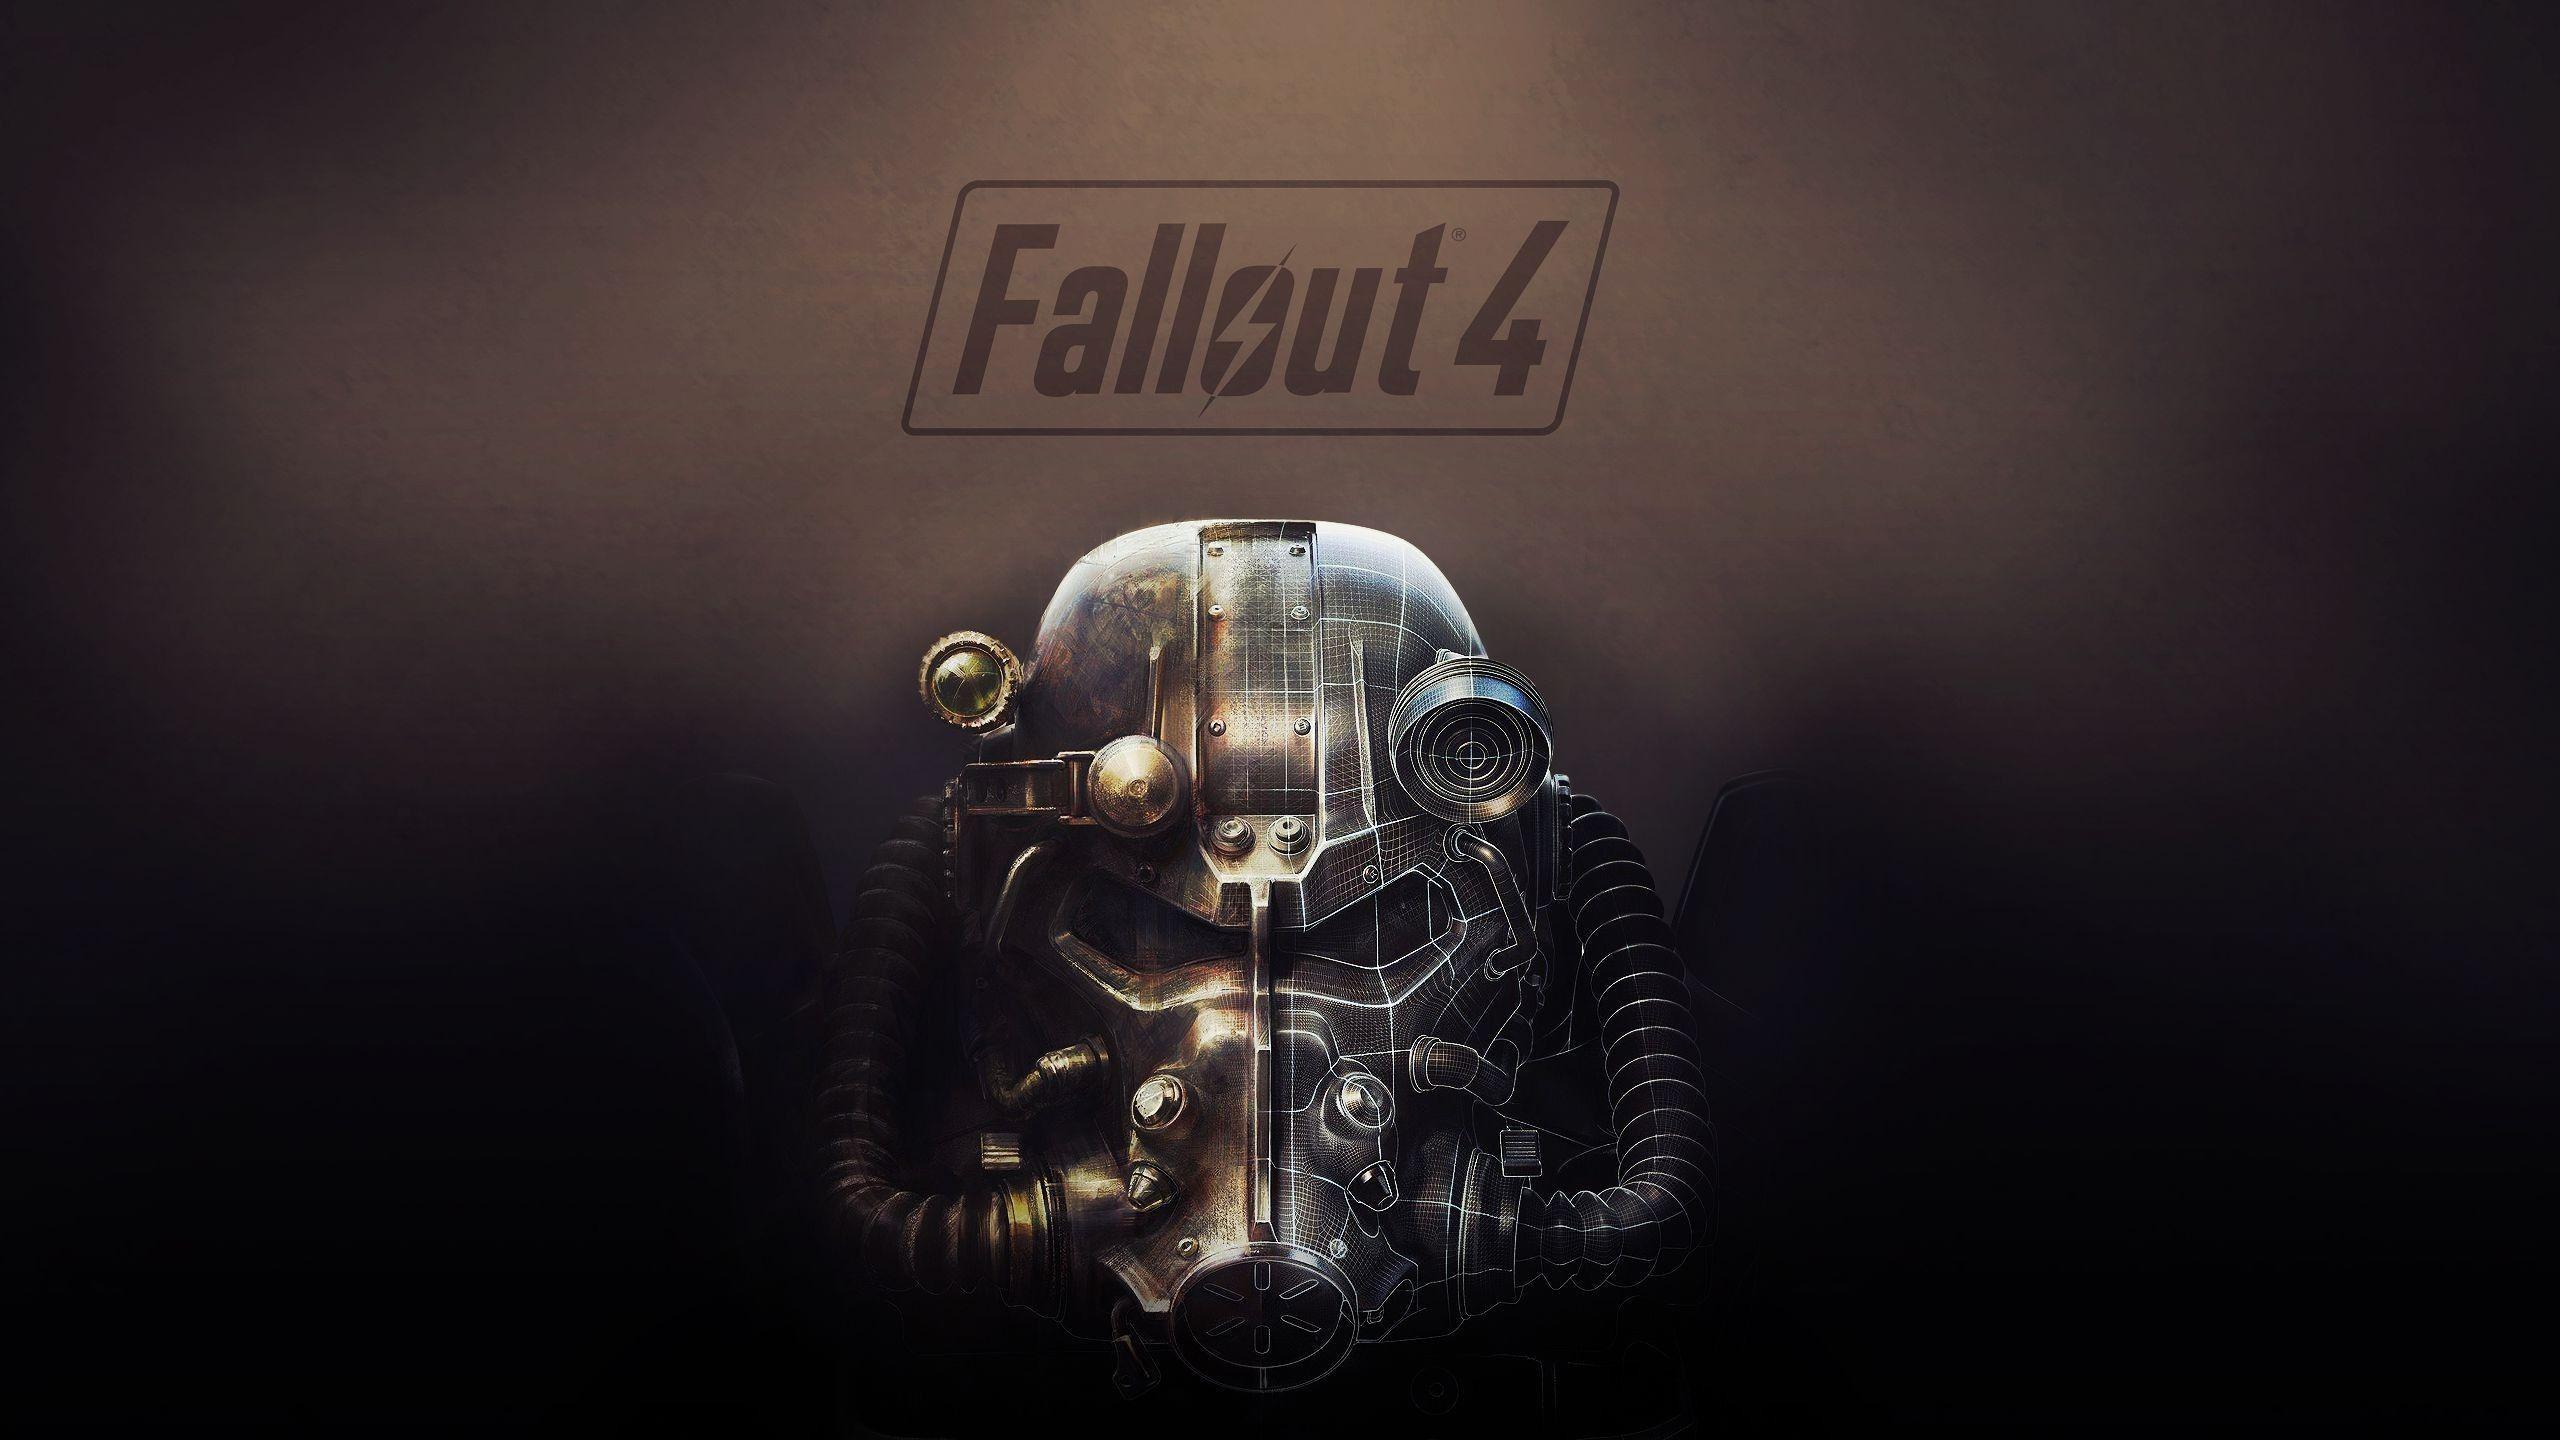 Fallout 4 Wallpaper – WallpaperSafari